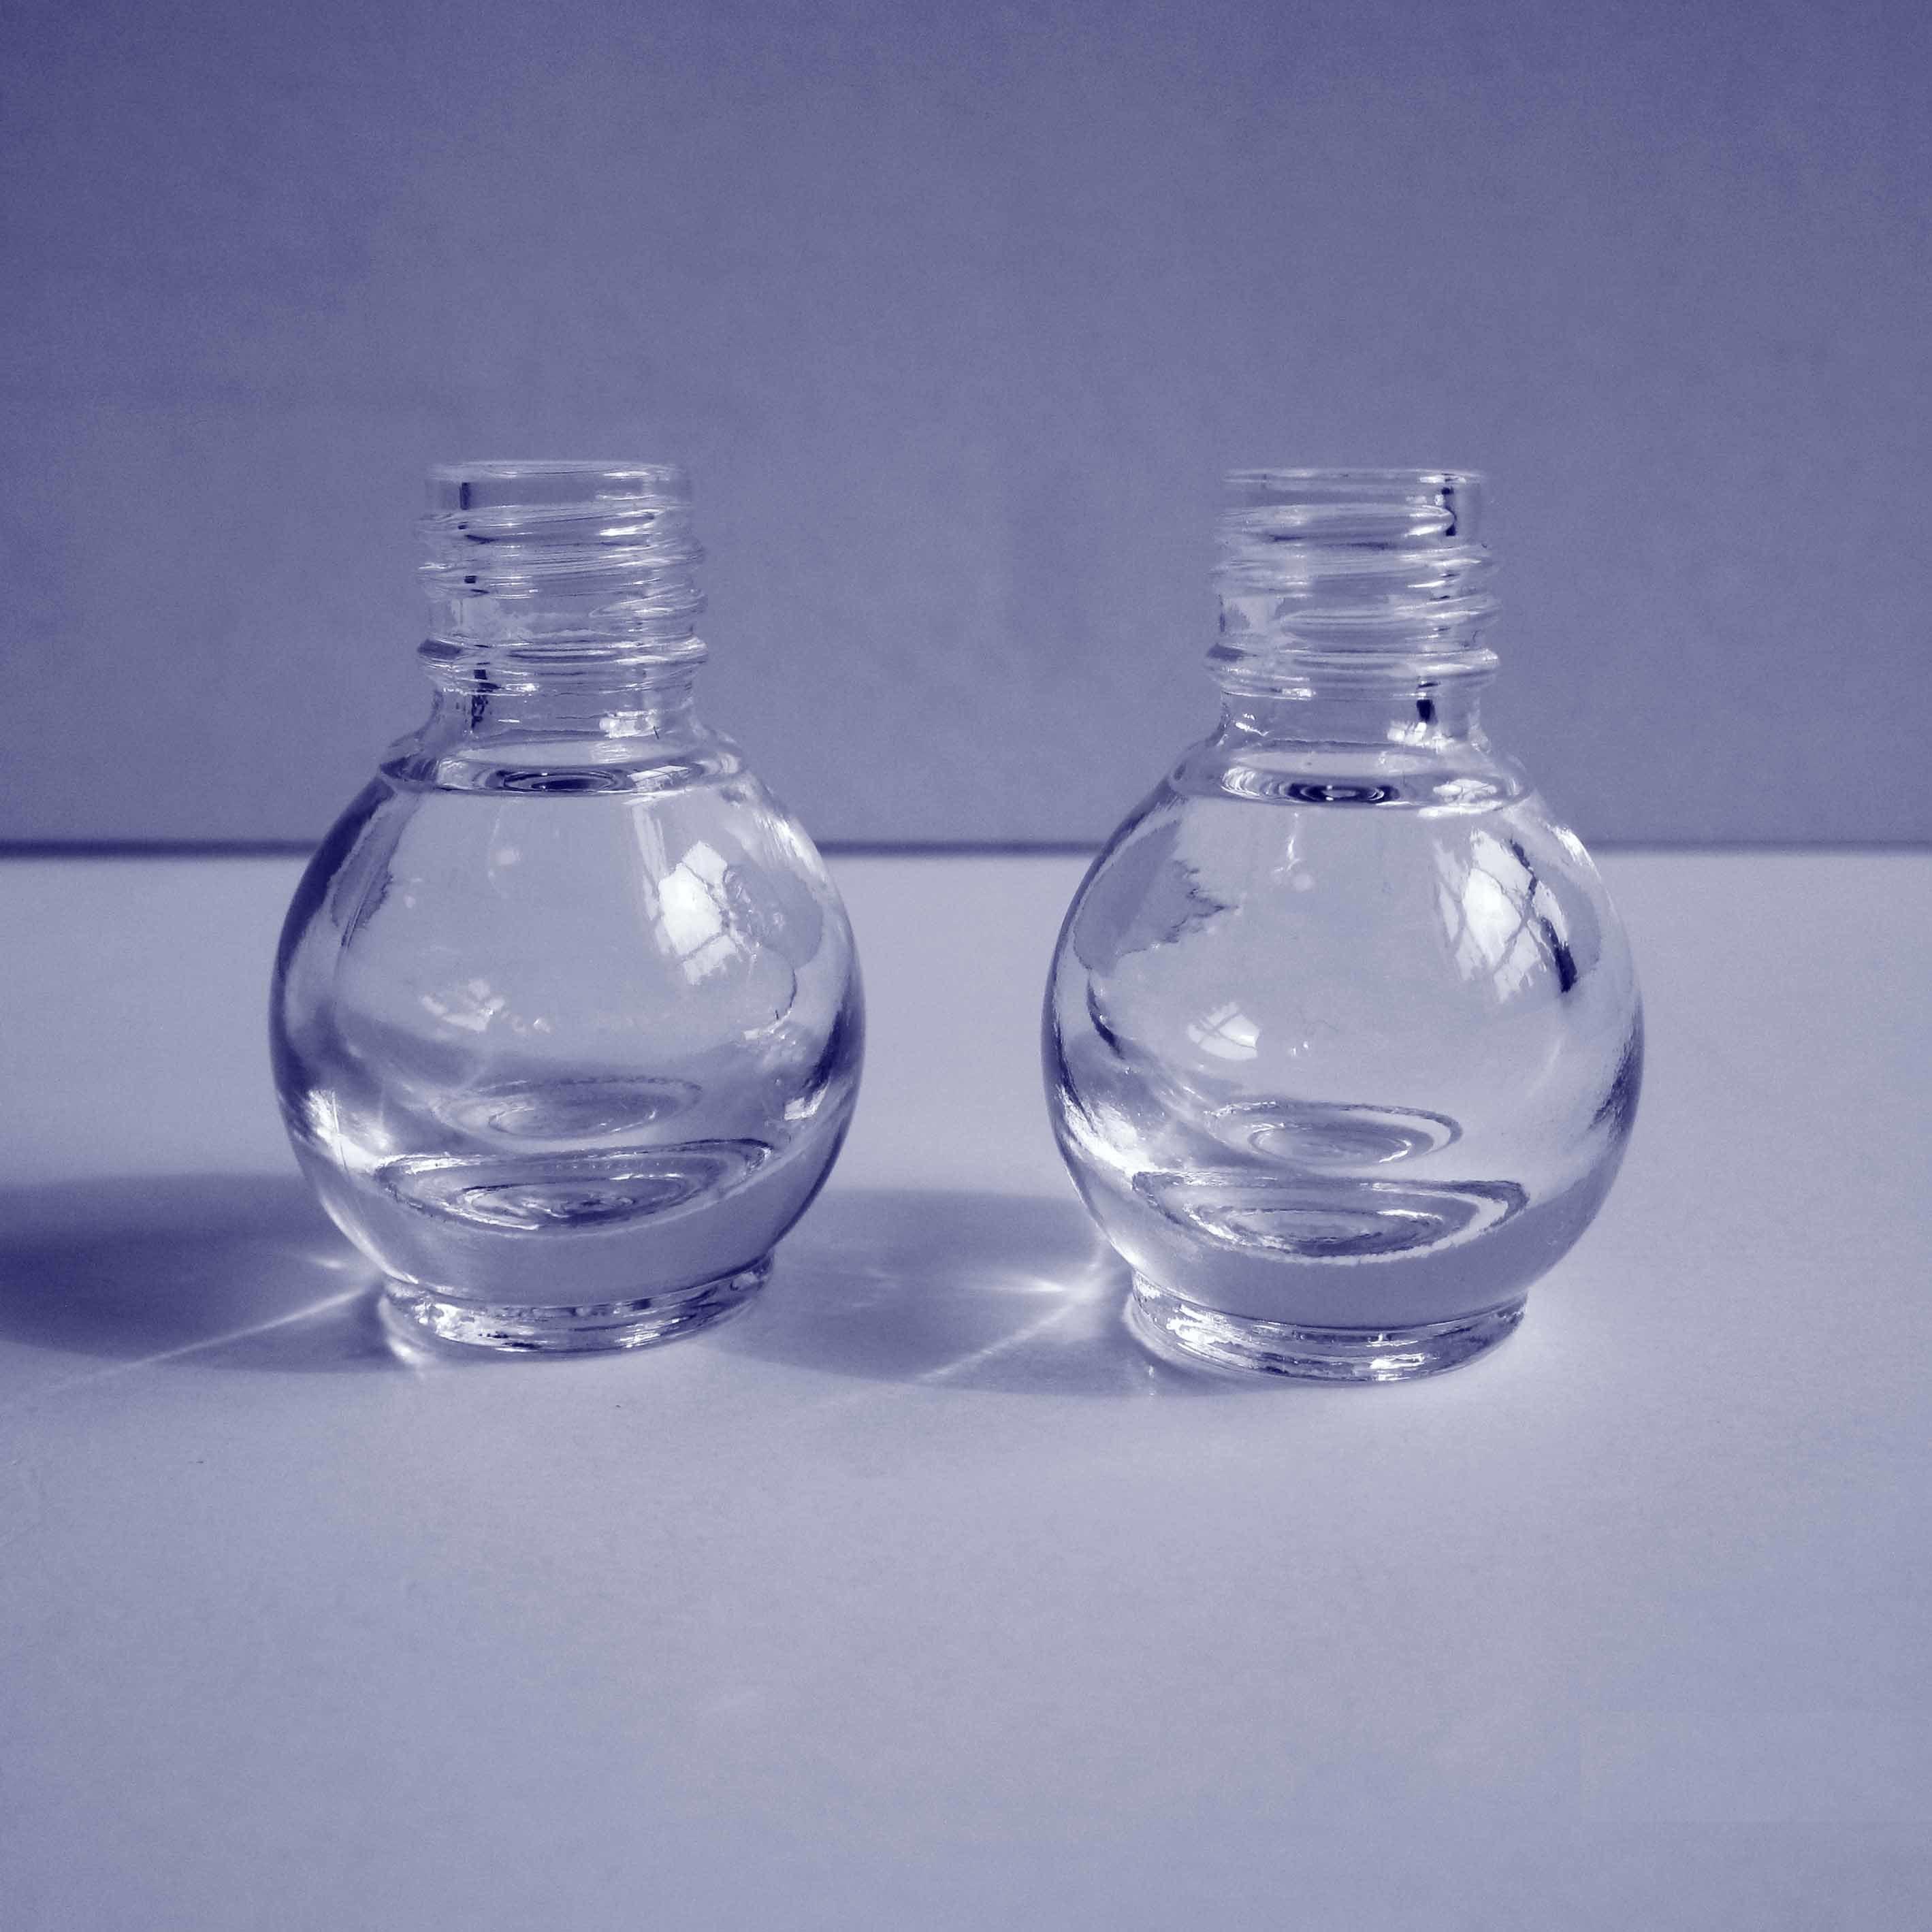 petite bouteille en verre ronde de vernis ongles bouteille cosm tique bouteille claire. Black Bedroom Furniture Sets. Home Design Ideas